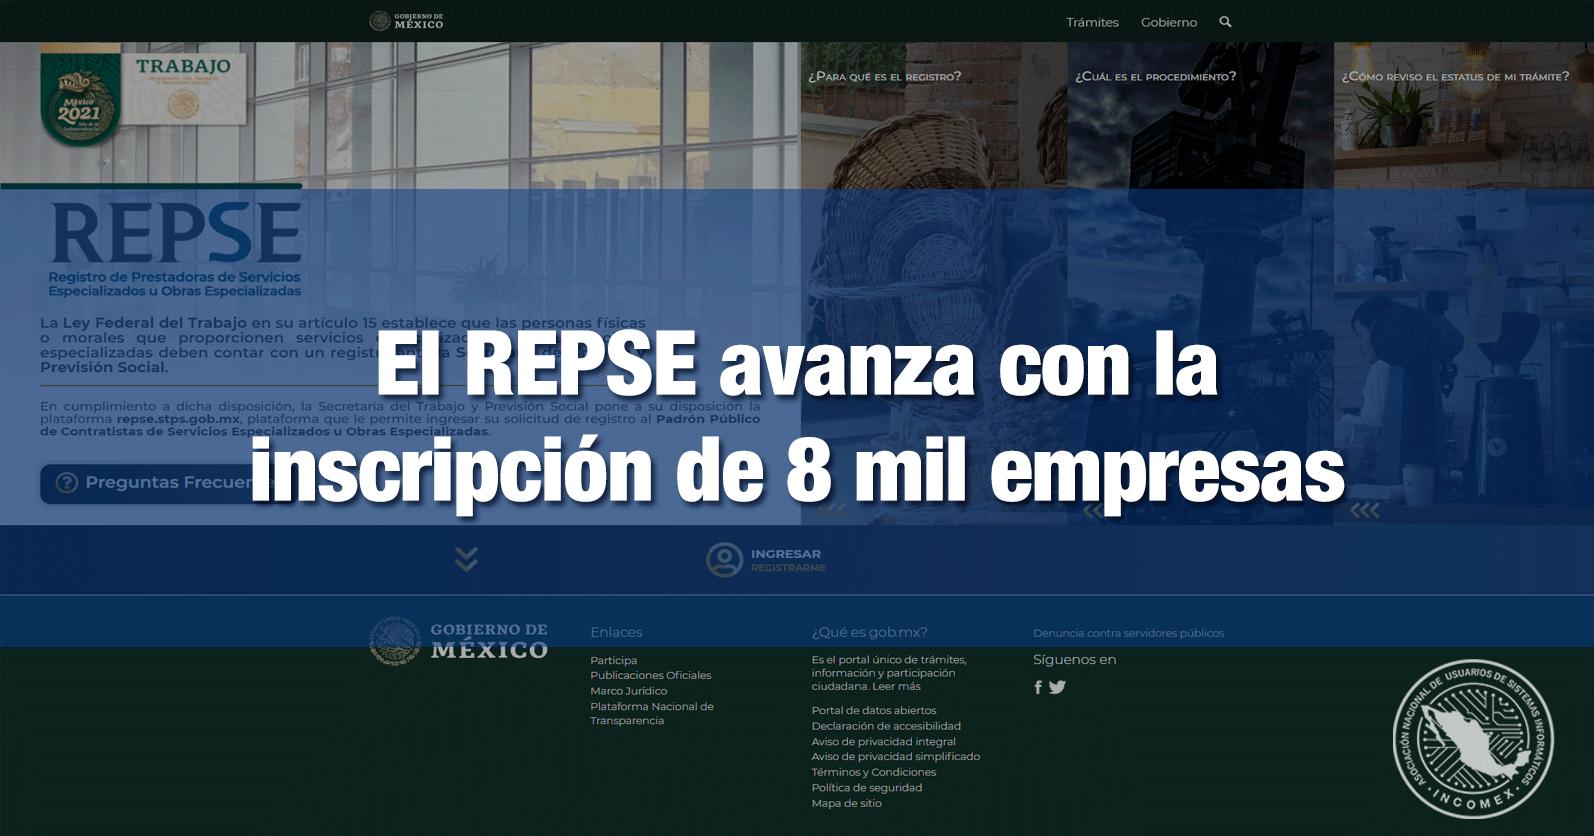 El REPSE avanza con la inscripción de 8 mil empresas